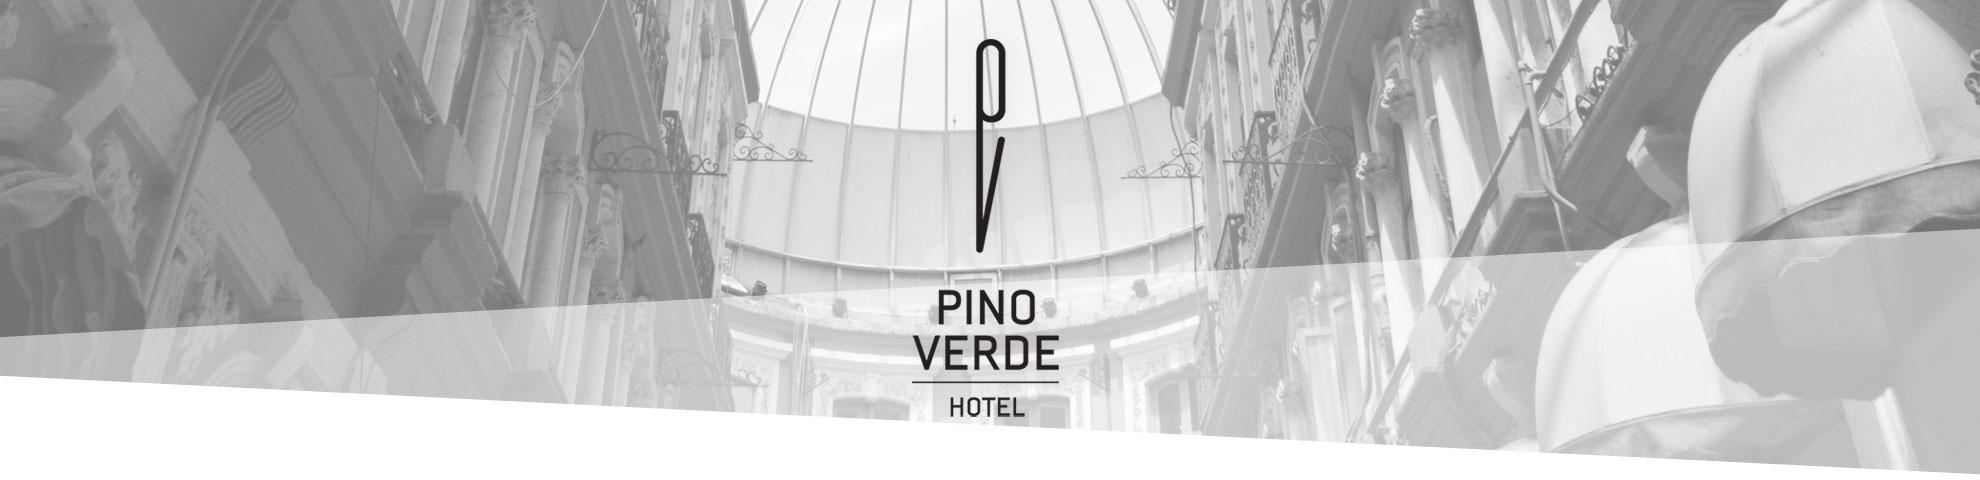 03-hotel-pino-verde